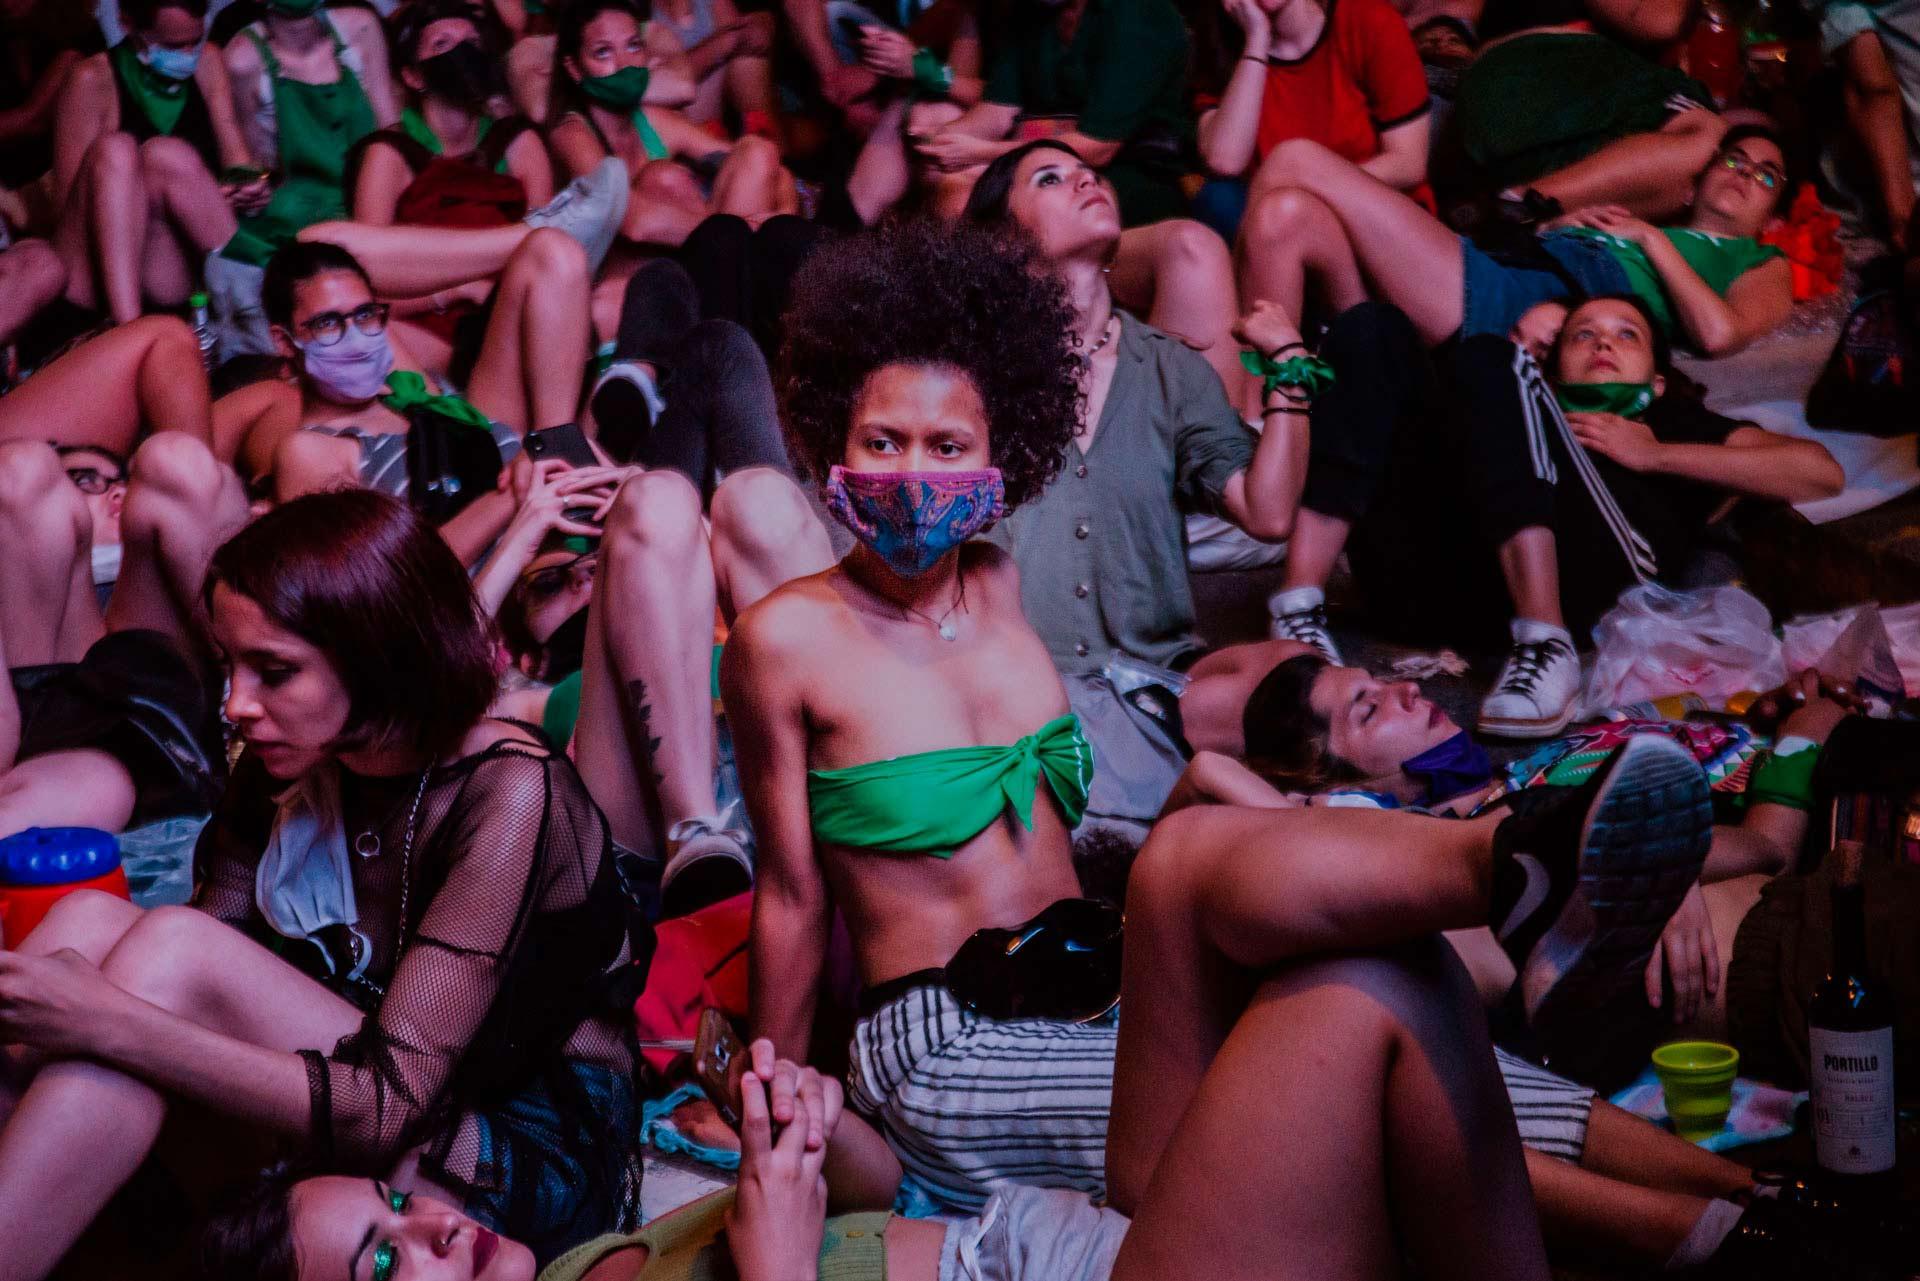 Derechos sexuales los diálogos pendientes _07 - Daniela_Cilli